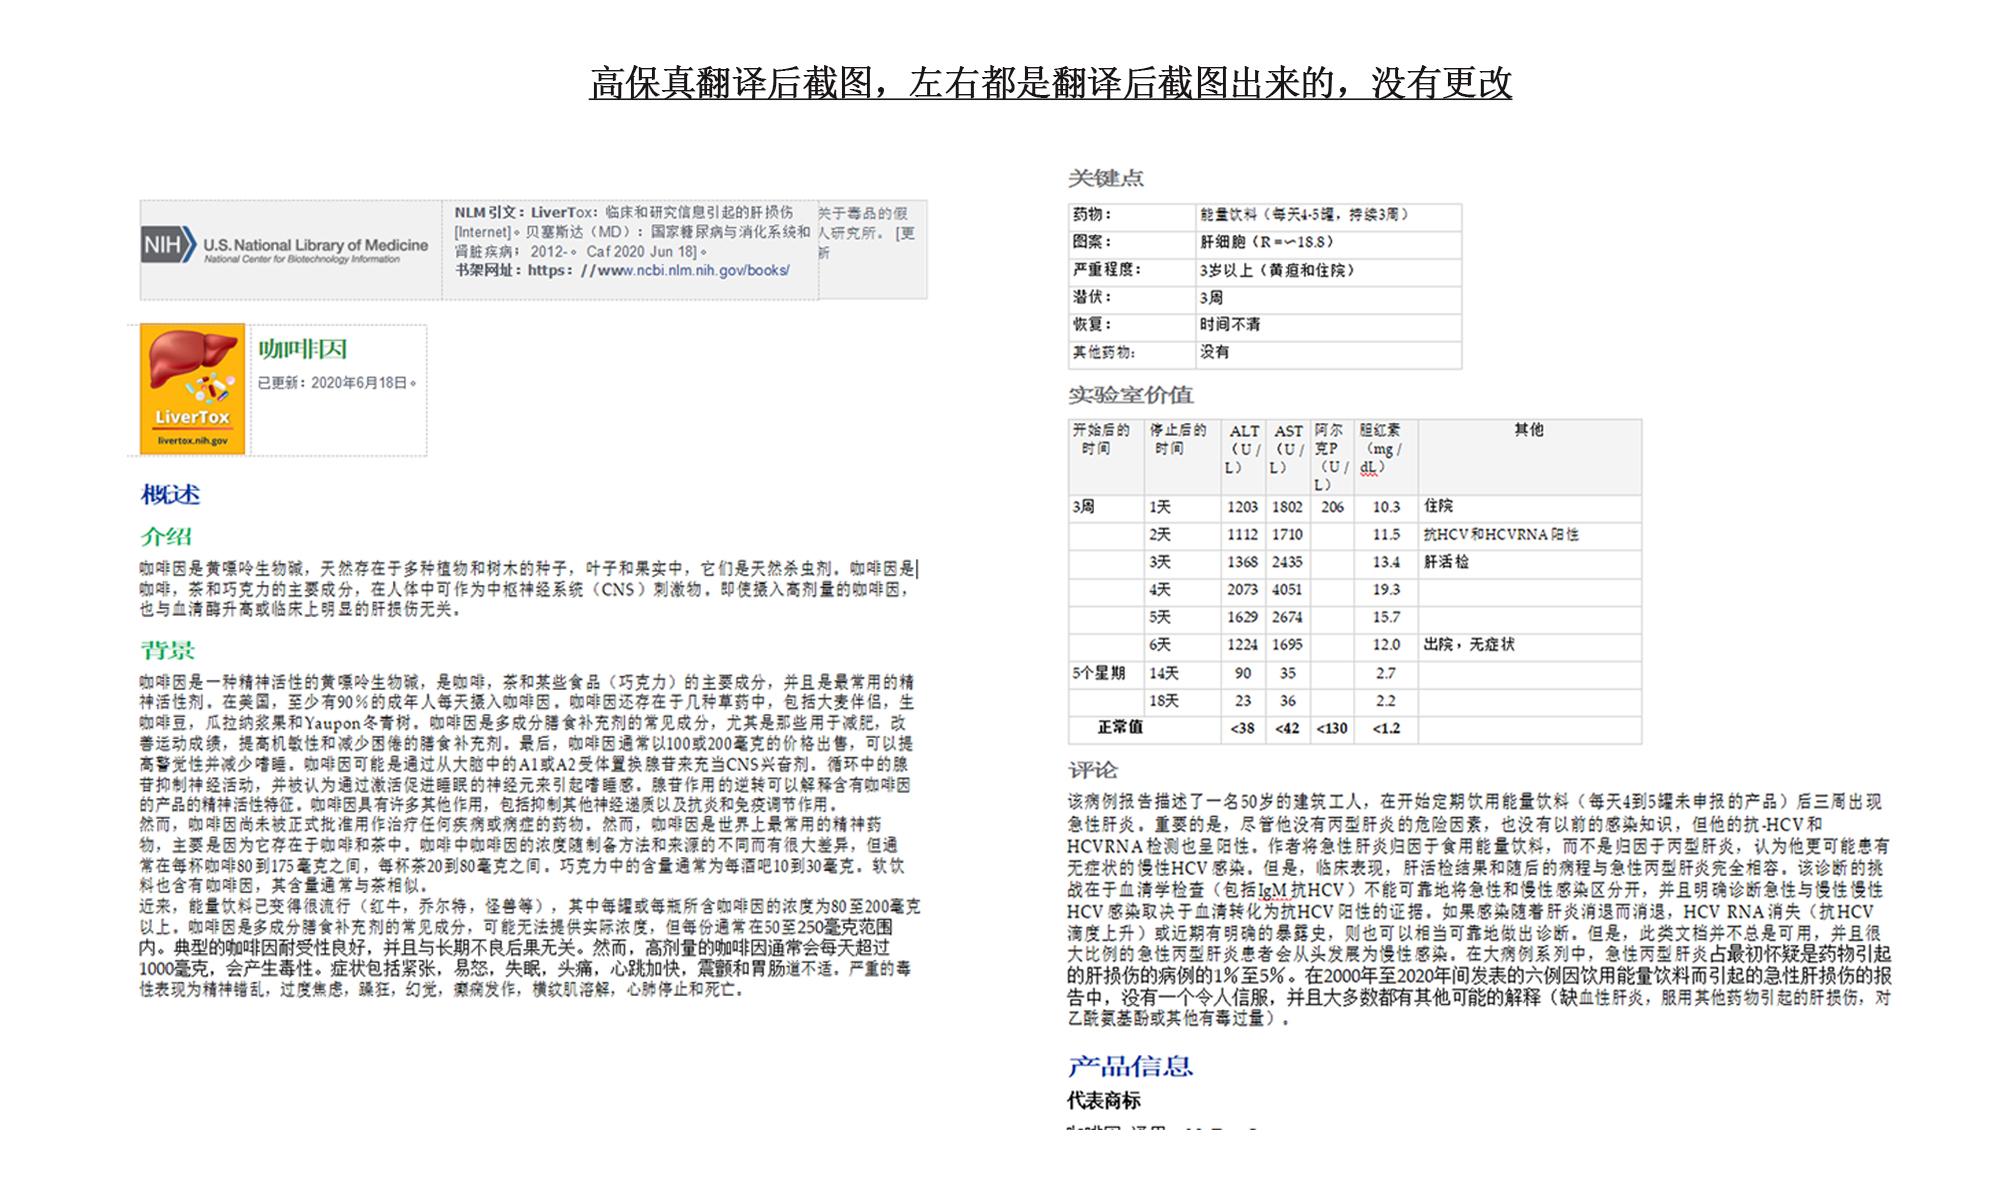 文档翻译快速、准确.jpg